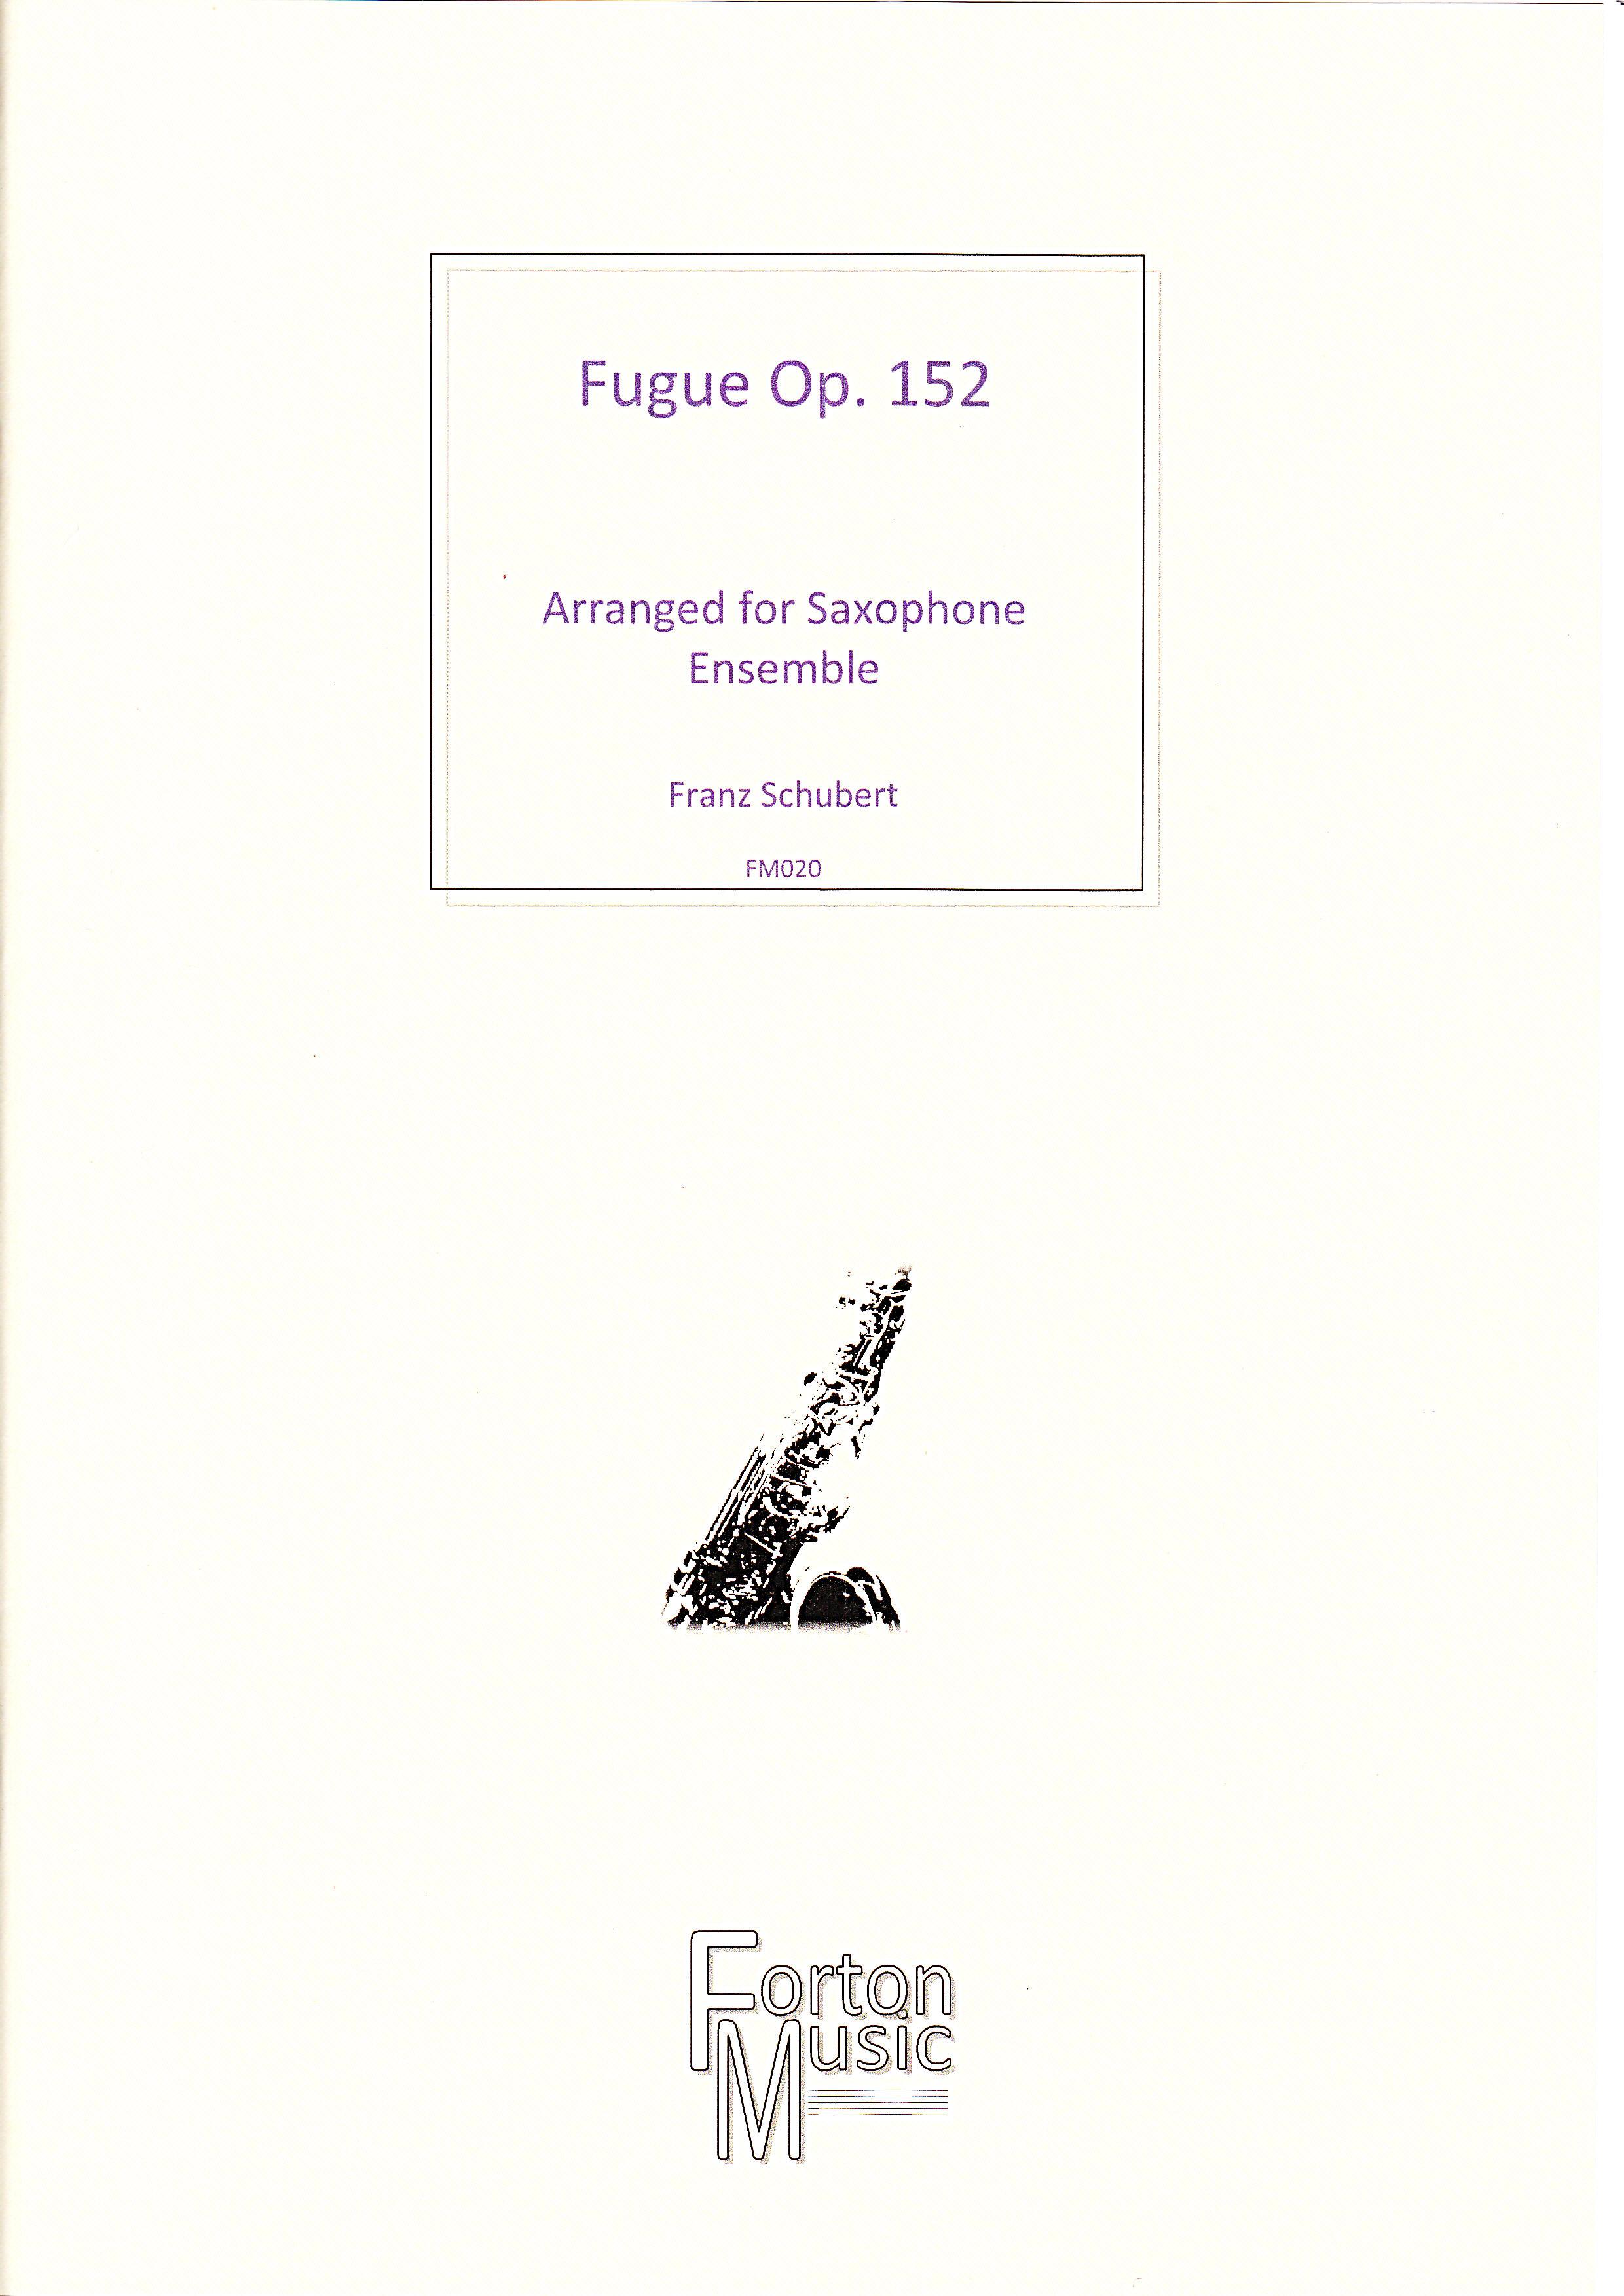 FUGUE Op.152